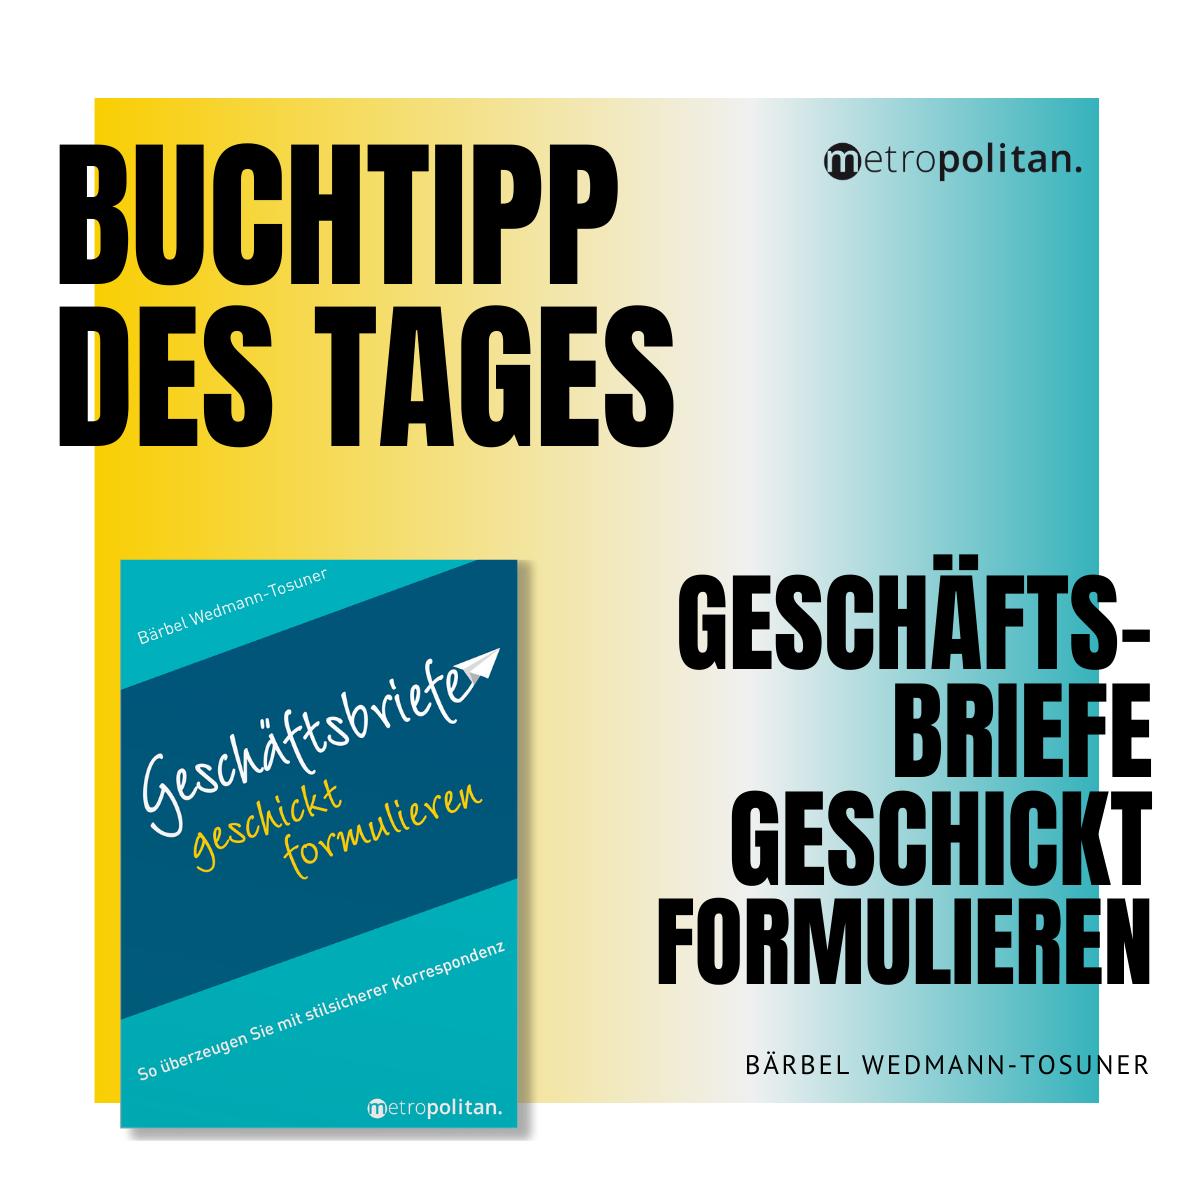 Buchtipp des Tages Geschäftsbriefe geschickt formulieren Bärbel Wedmann-Tossuner metropolitan